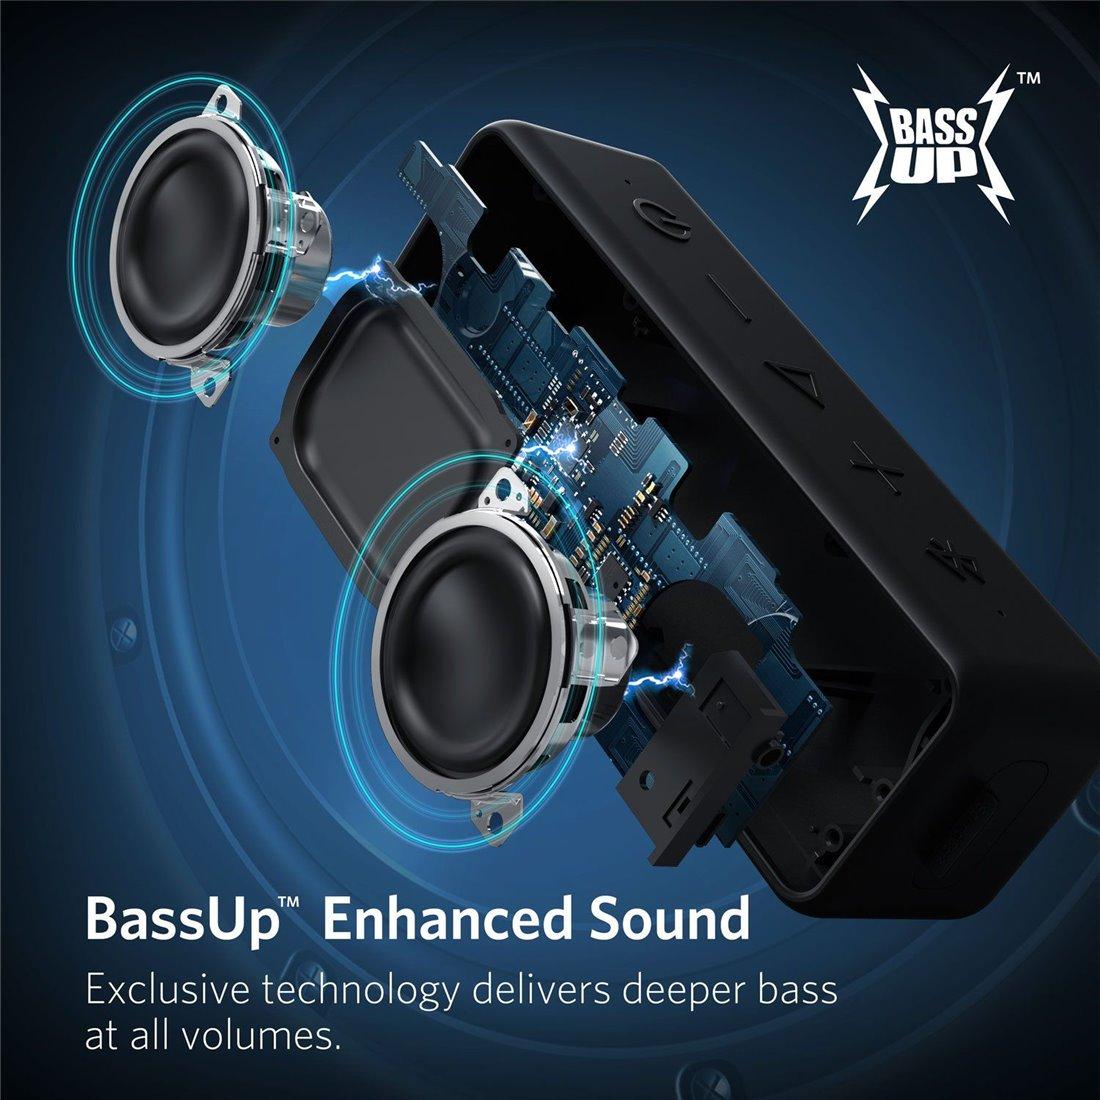 Enceinte Bluetooth, Anker SoundCore 2 Haut Parleur Portable sans fil avec basses puissantes, autonomie de 24 heures, porté Bl